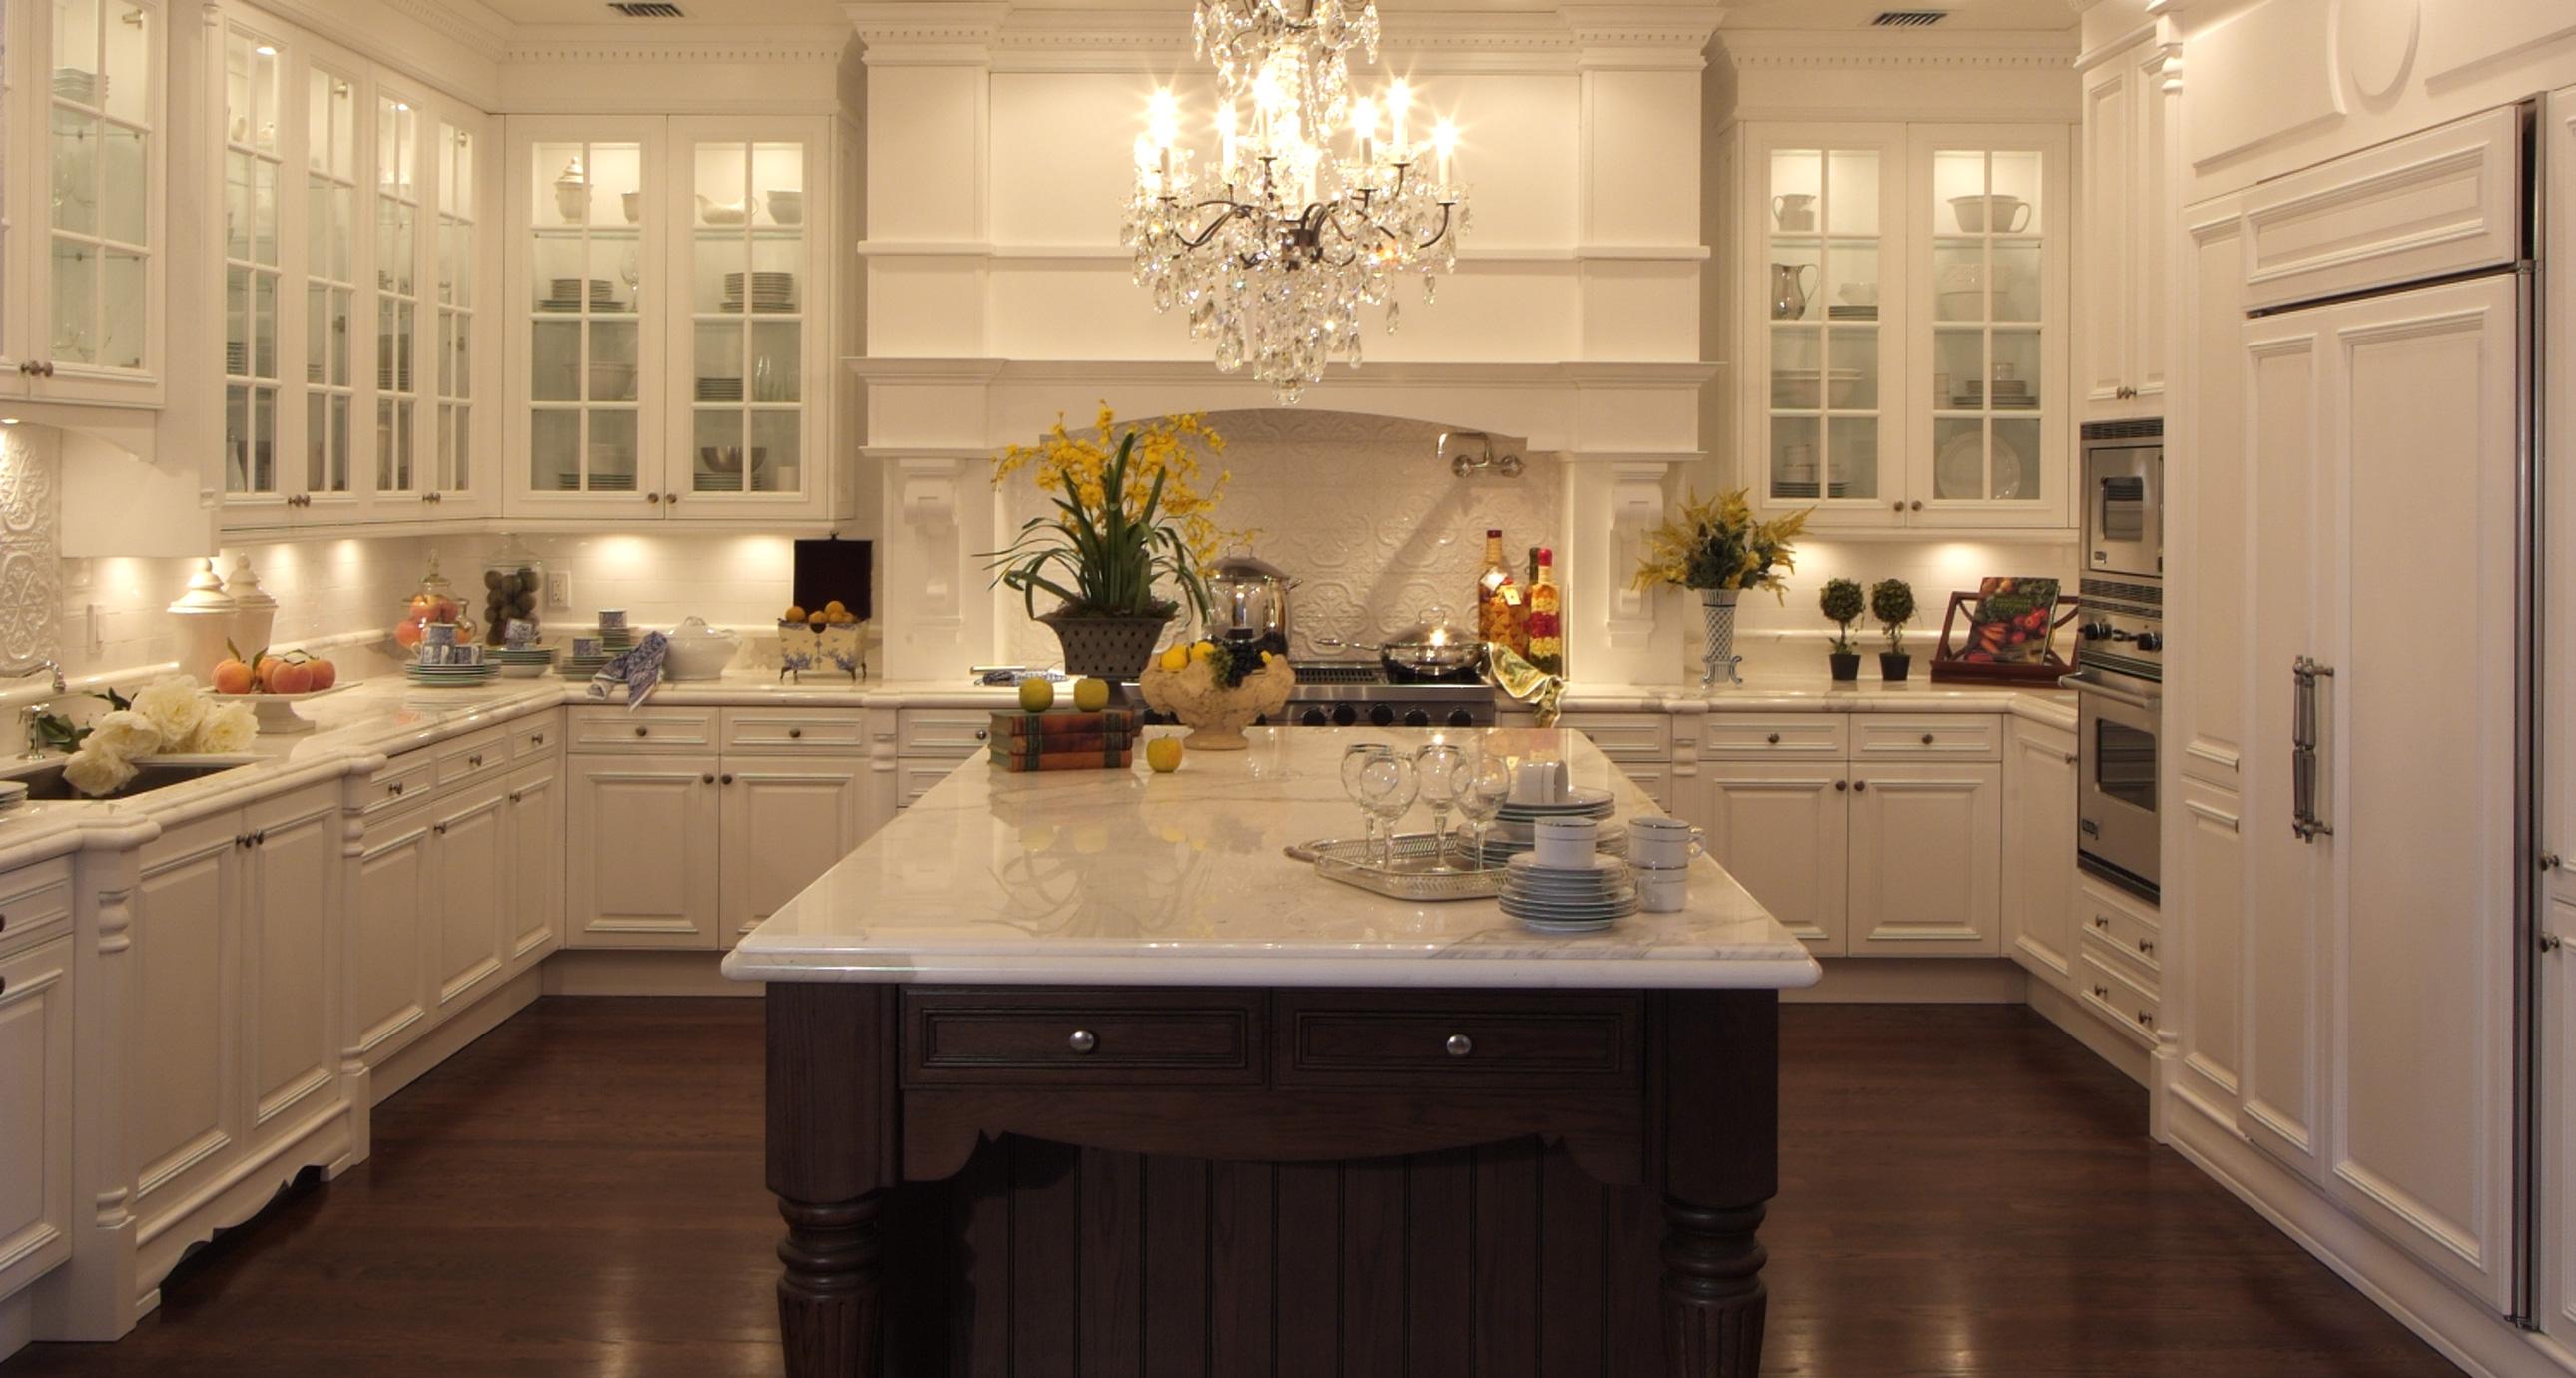 Kitchen cabinets boston ma - Traditional Beauty